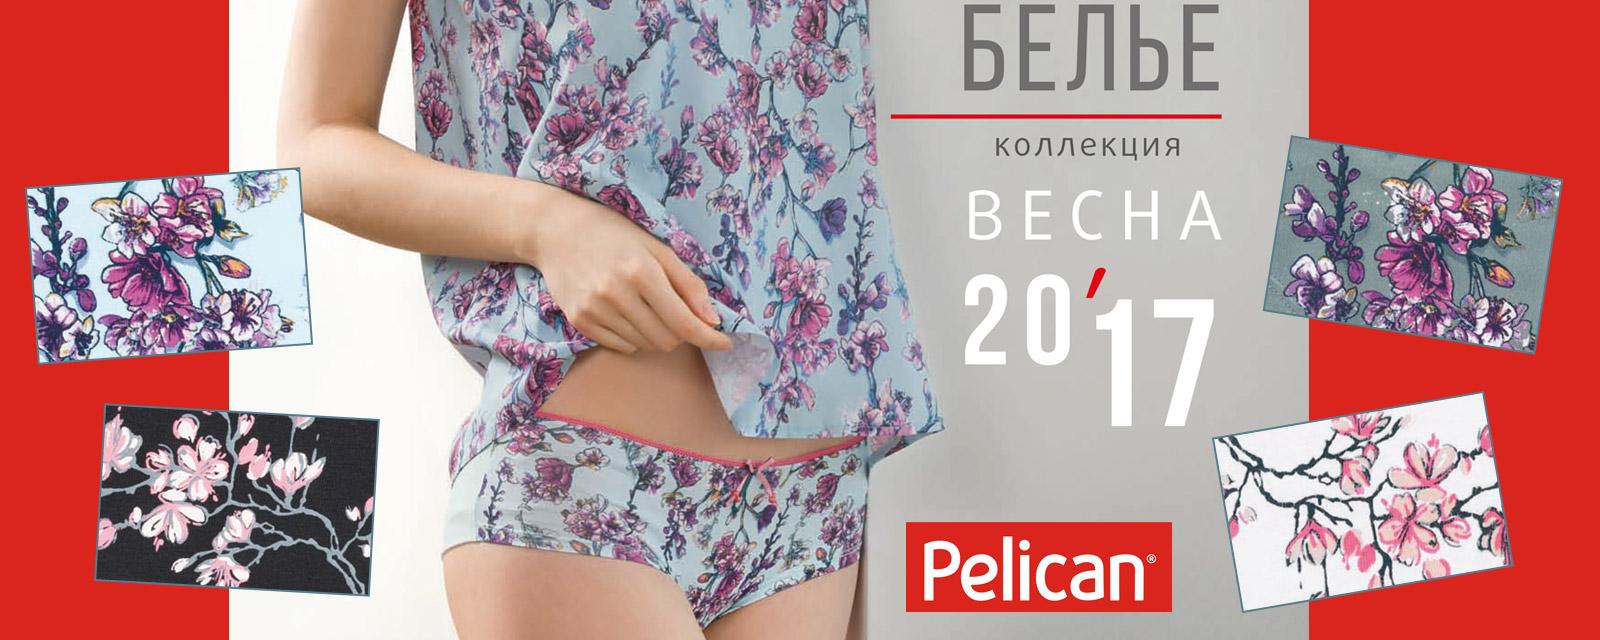 Пеликан весна 2017 женские пижамы